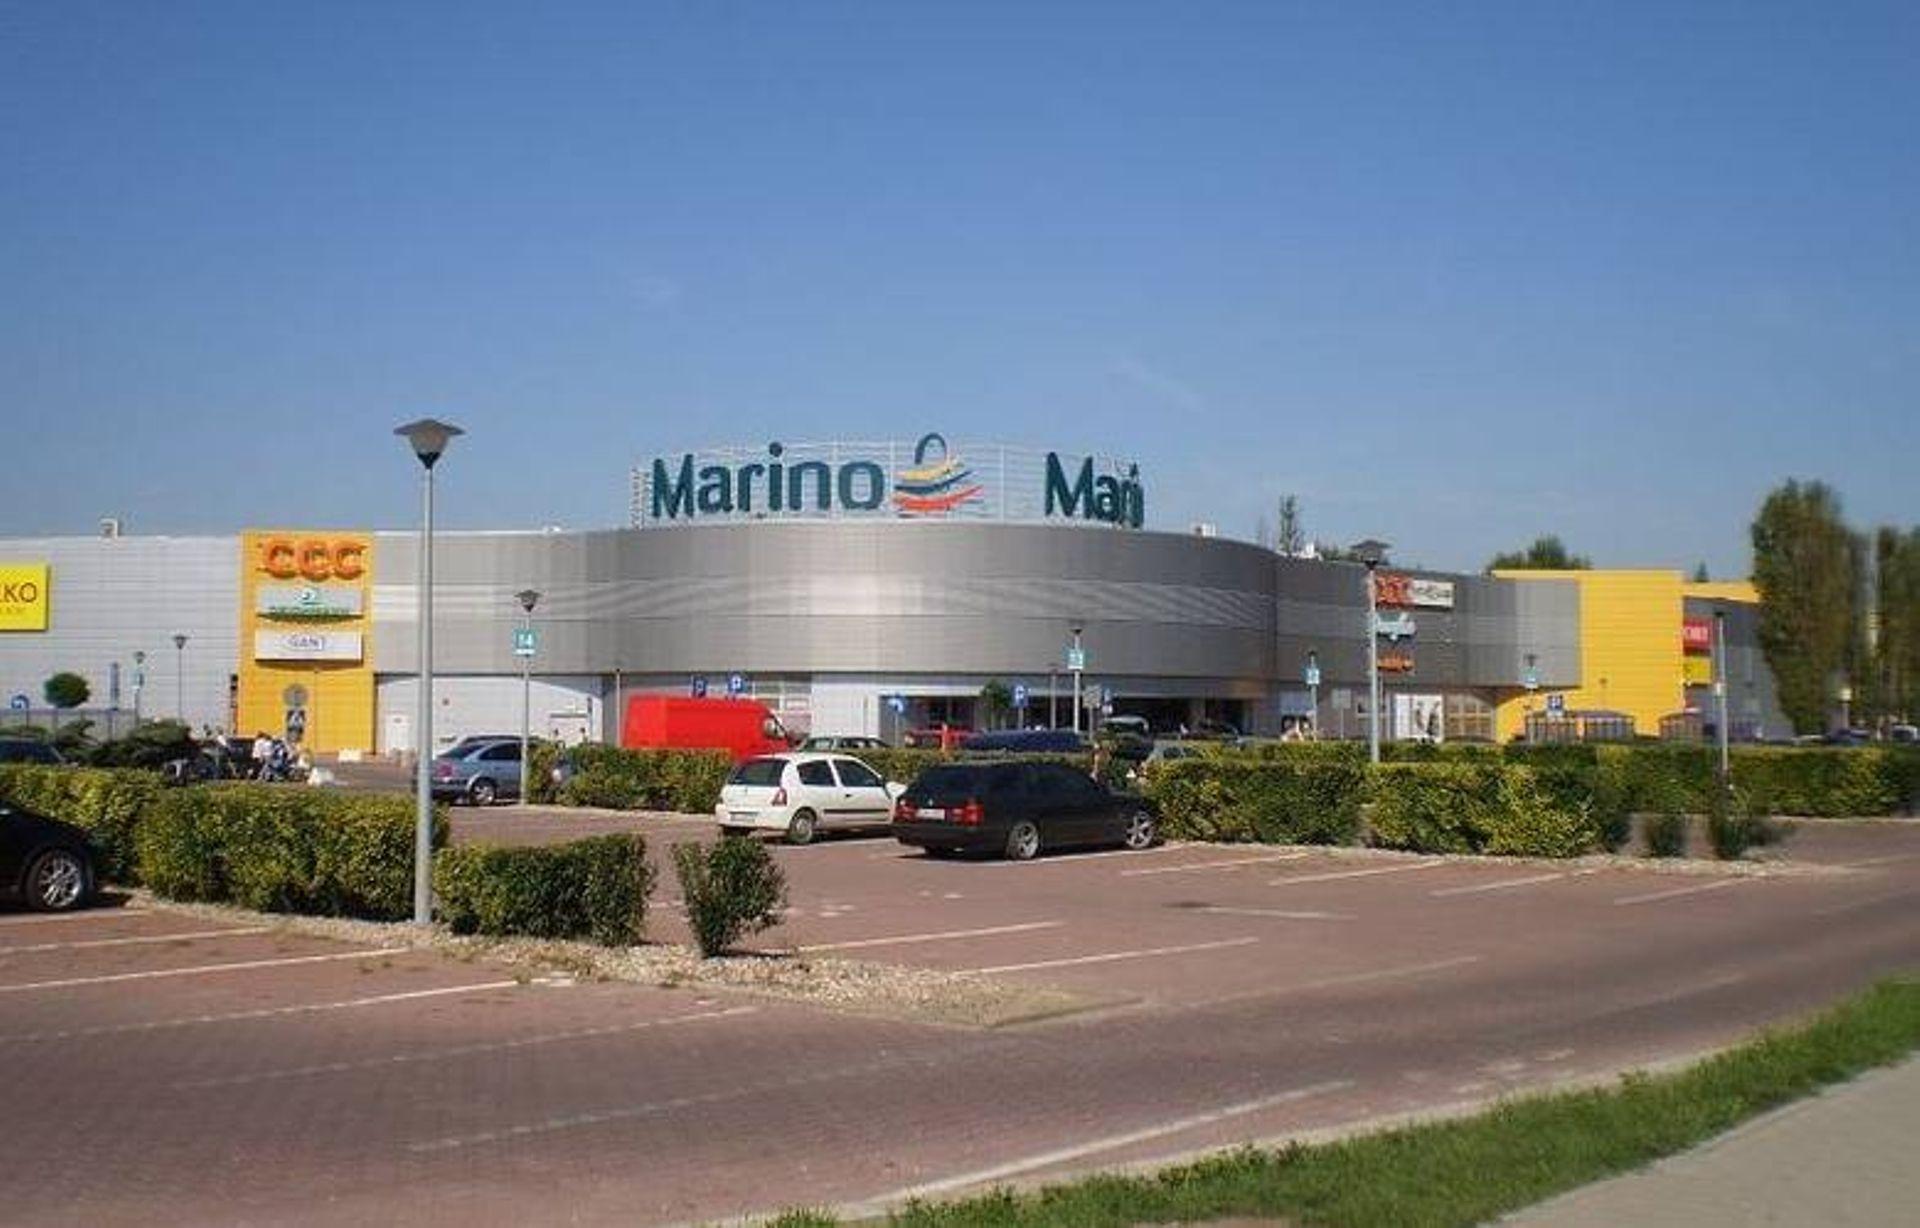 Centrum Handlowe Marino we Wrocławiu czeka duża przebudowa